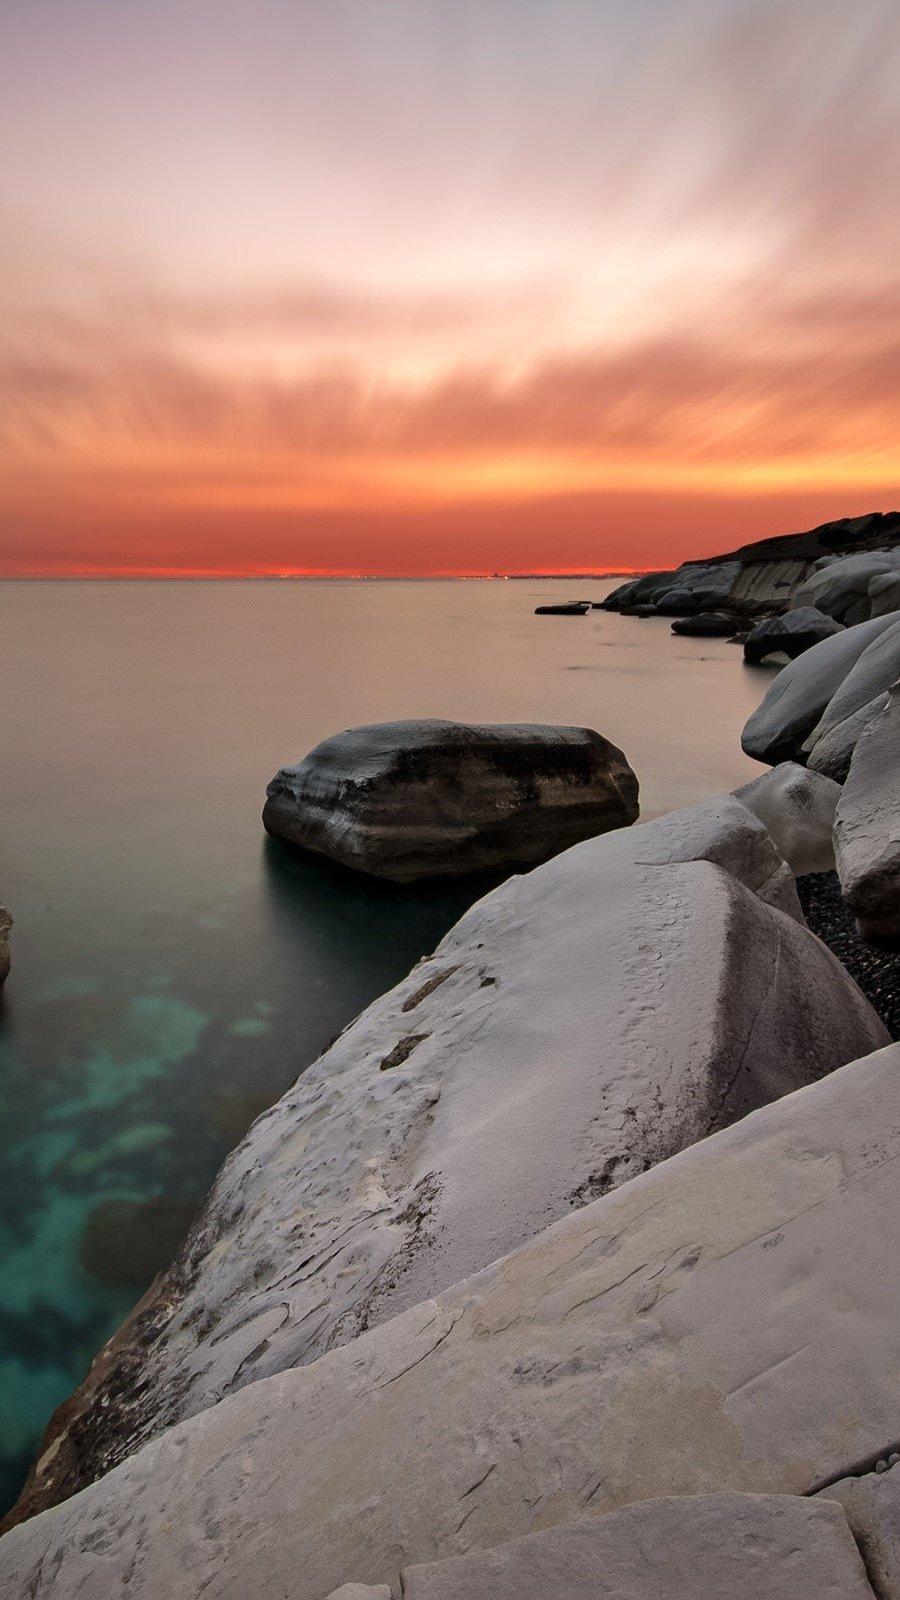 Fondos de pantalla Rocas blancas en la costa Vertical